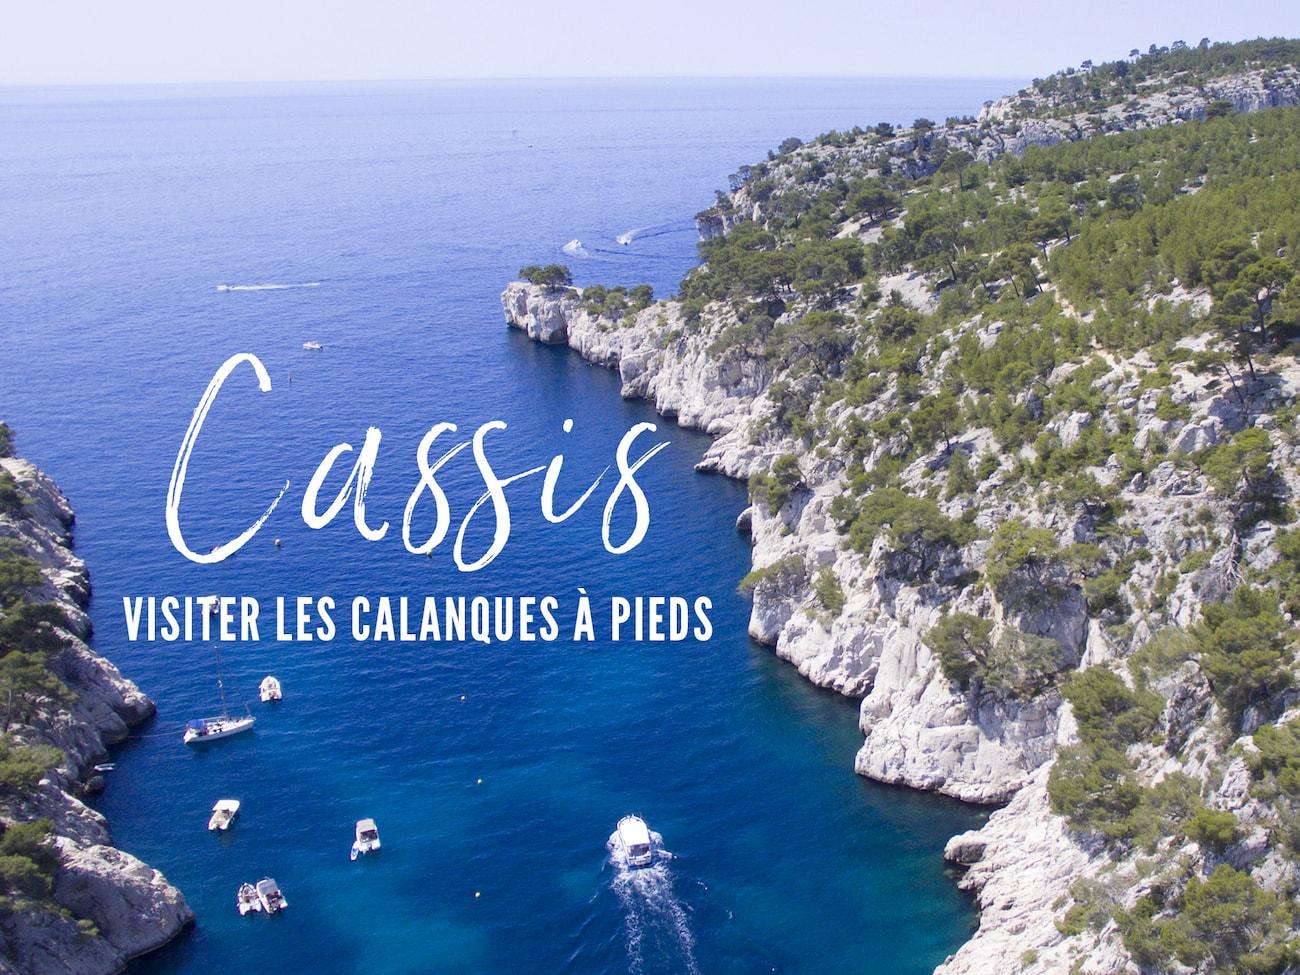 Visiter Les Calanques De Cassis A Pied Conseils Et Itineraire